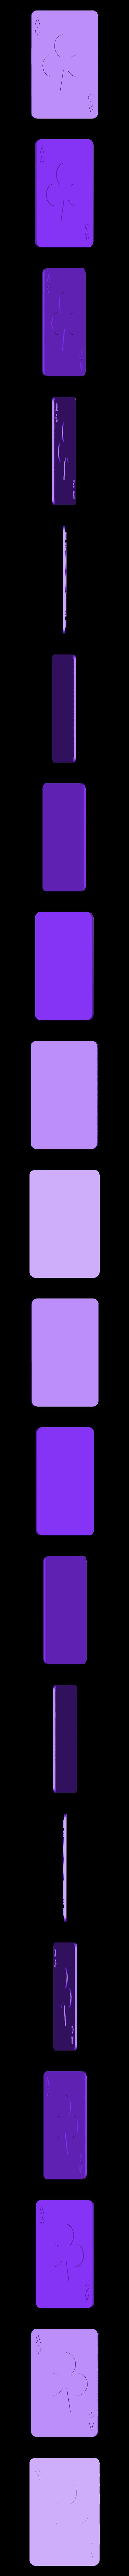 Clubs_1_bump.stl Télécharger fichier SCAD gratuit Les cartes à jouer • Objet imprimable en 3D, yvrogne59